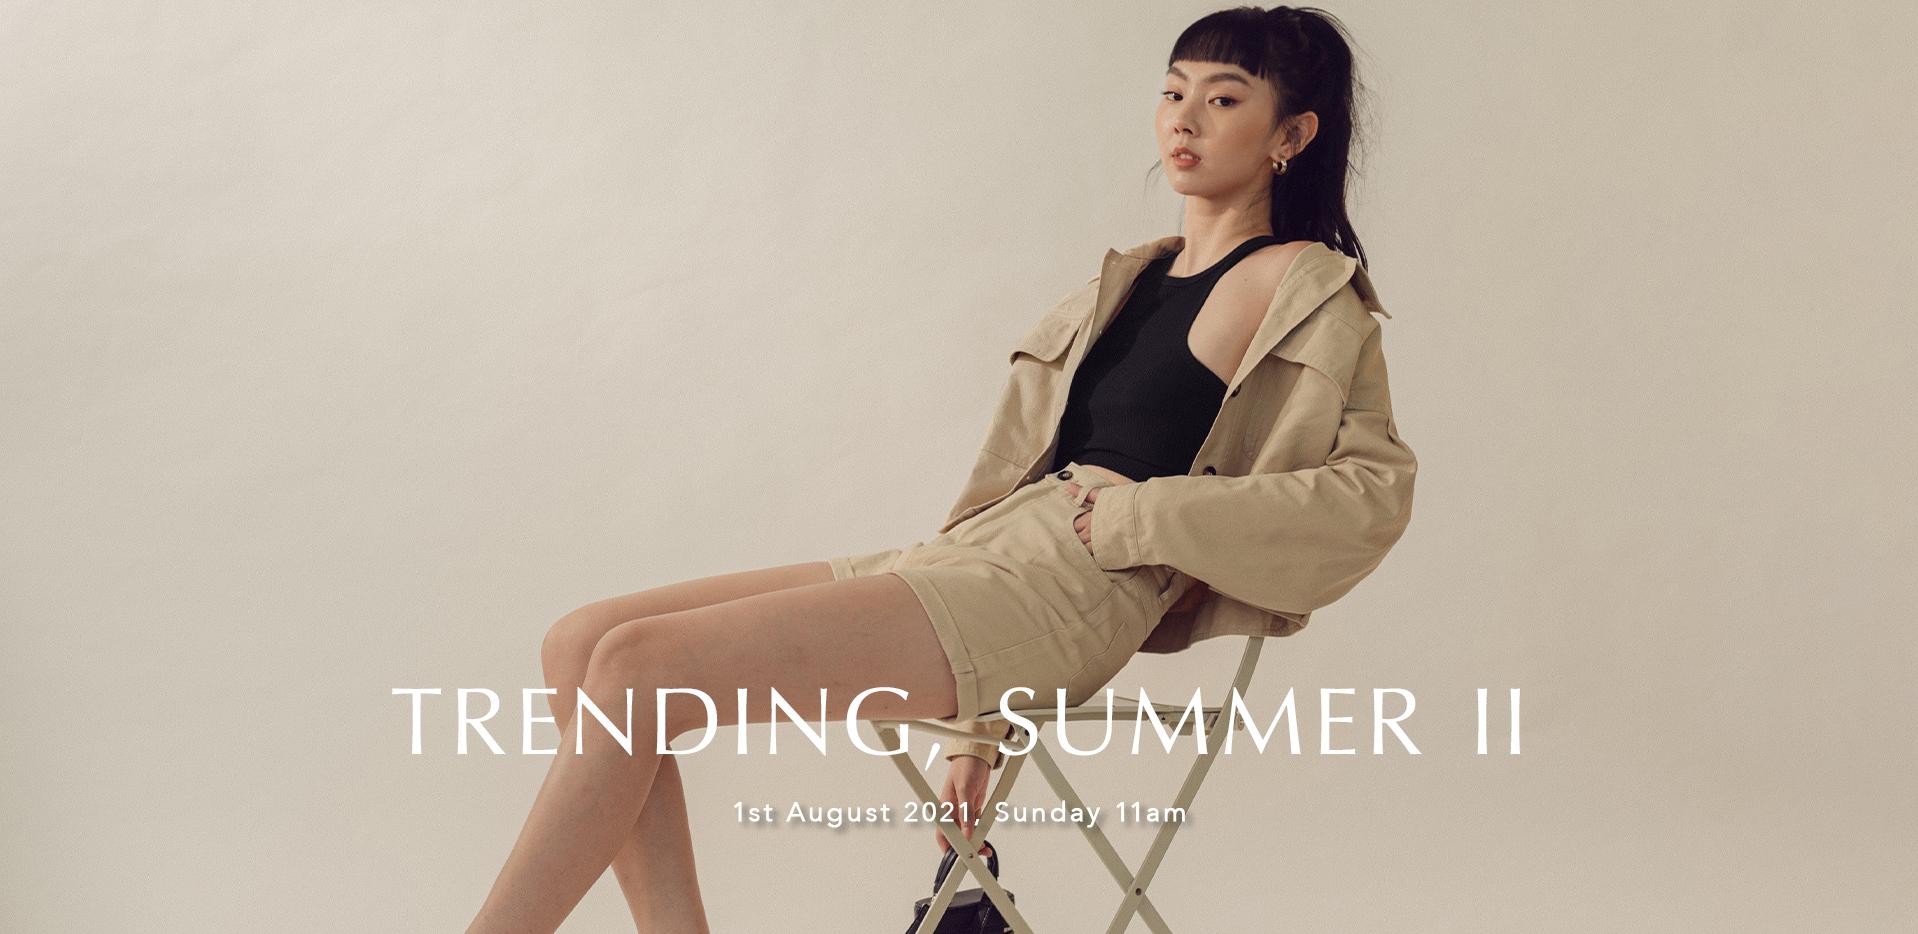 TRENDING, SUMMER II